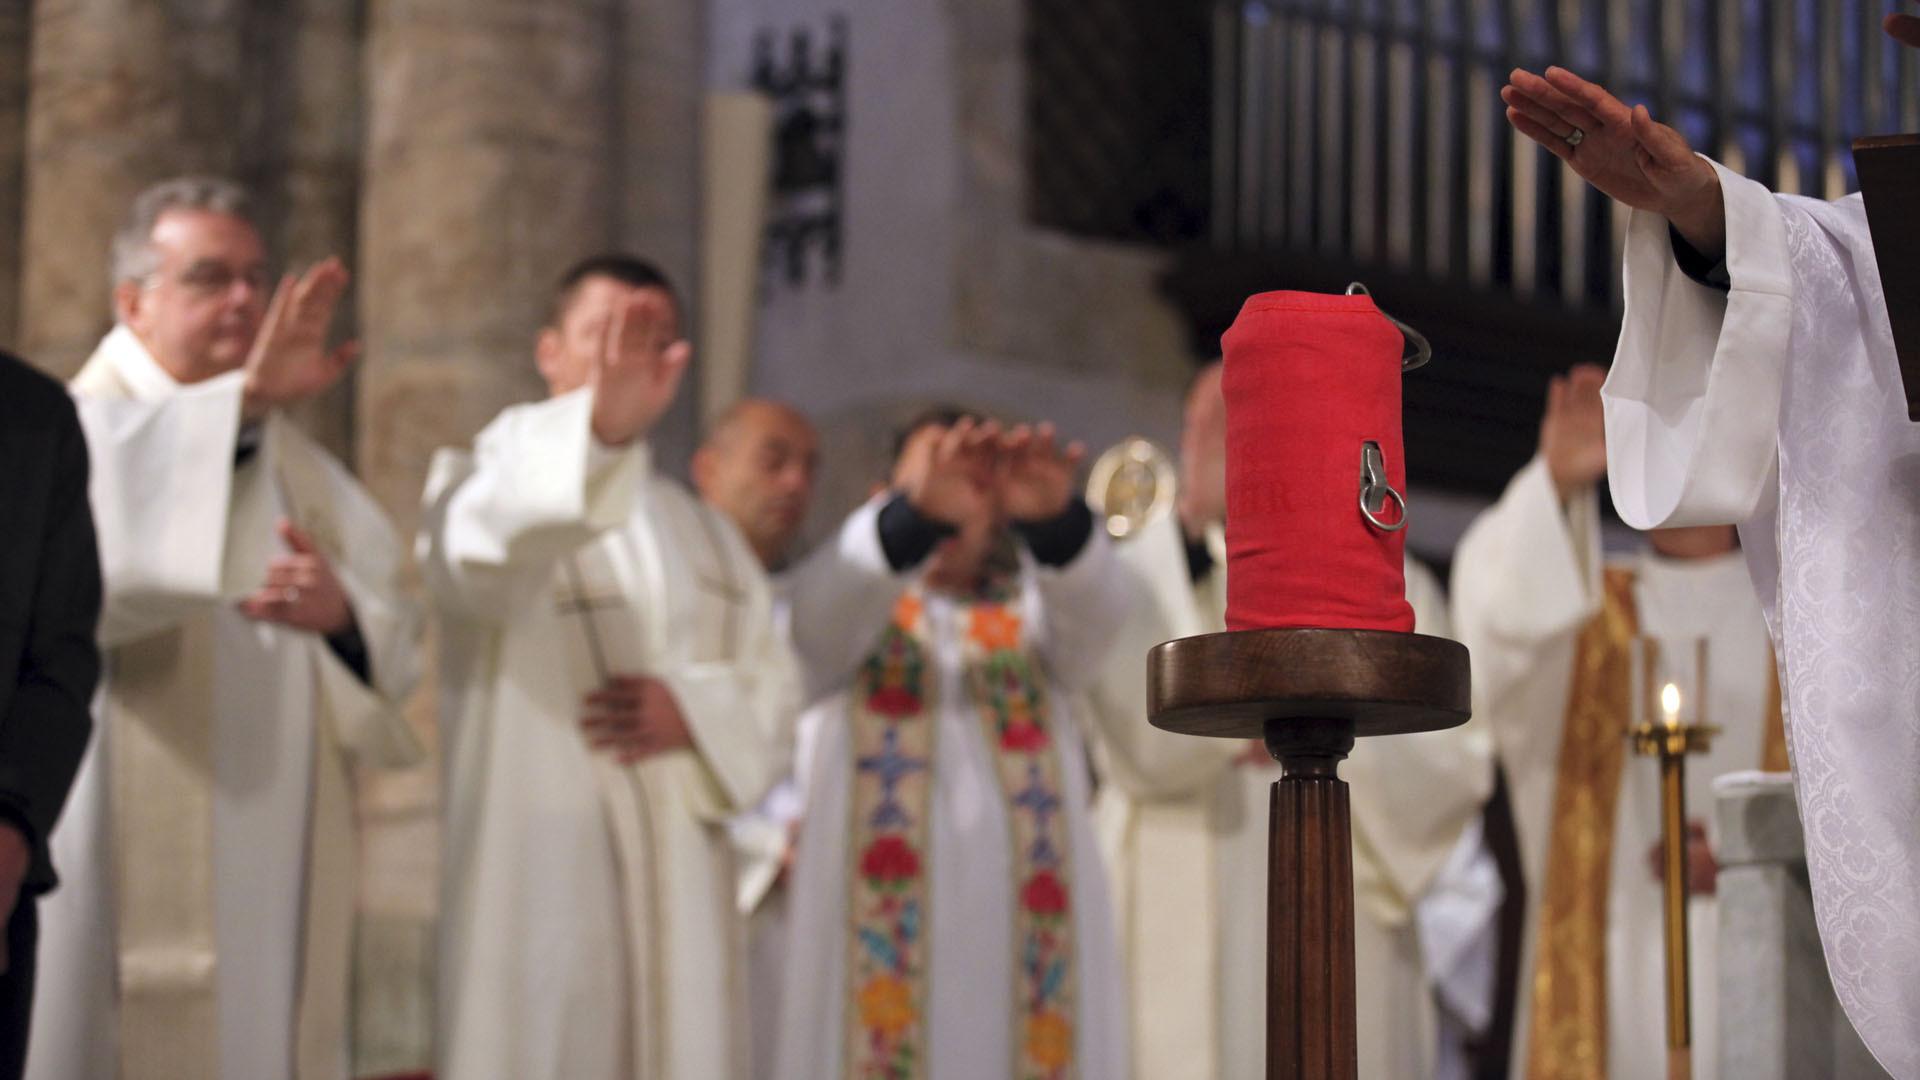 Sion le 24 mars 2016. L'huile de l'ordre est bénie par Mgr Jean-Marie Lovey et les prêtres présents à la messe chrismale à la cathédrale de Sion. (Photo: B. Hallet)